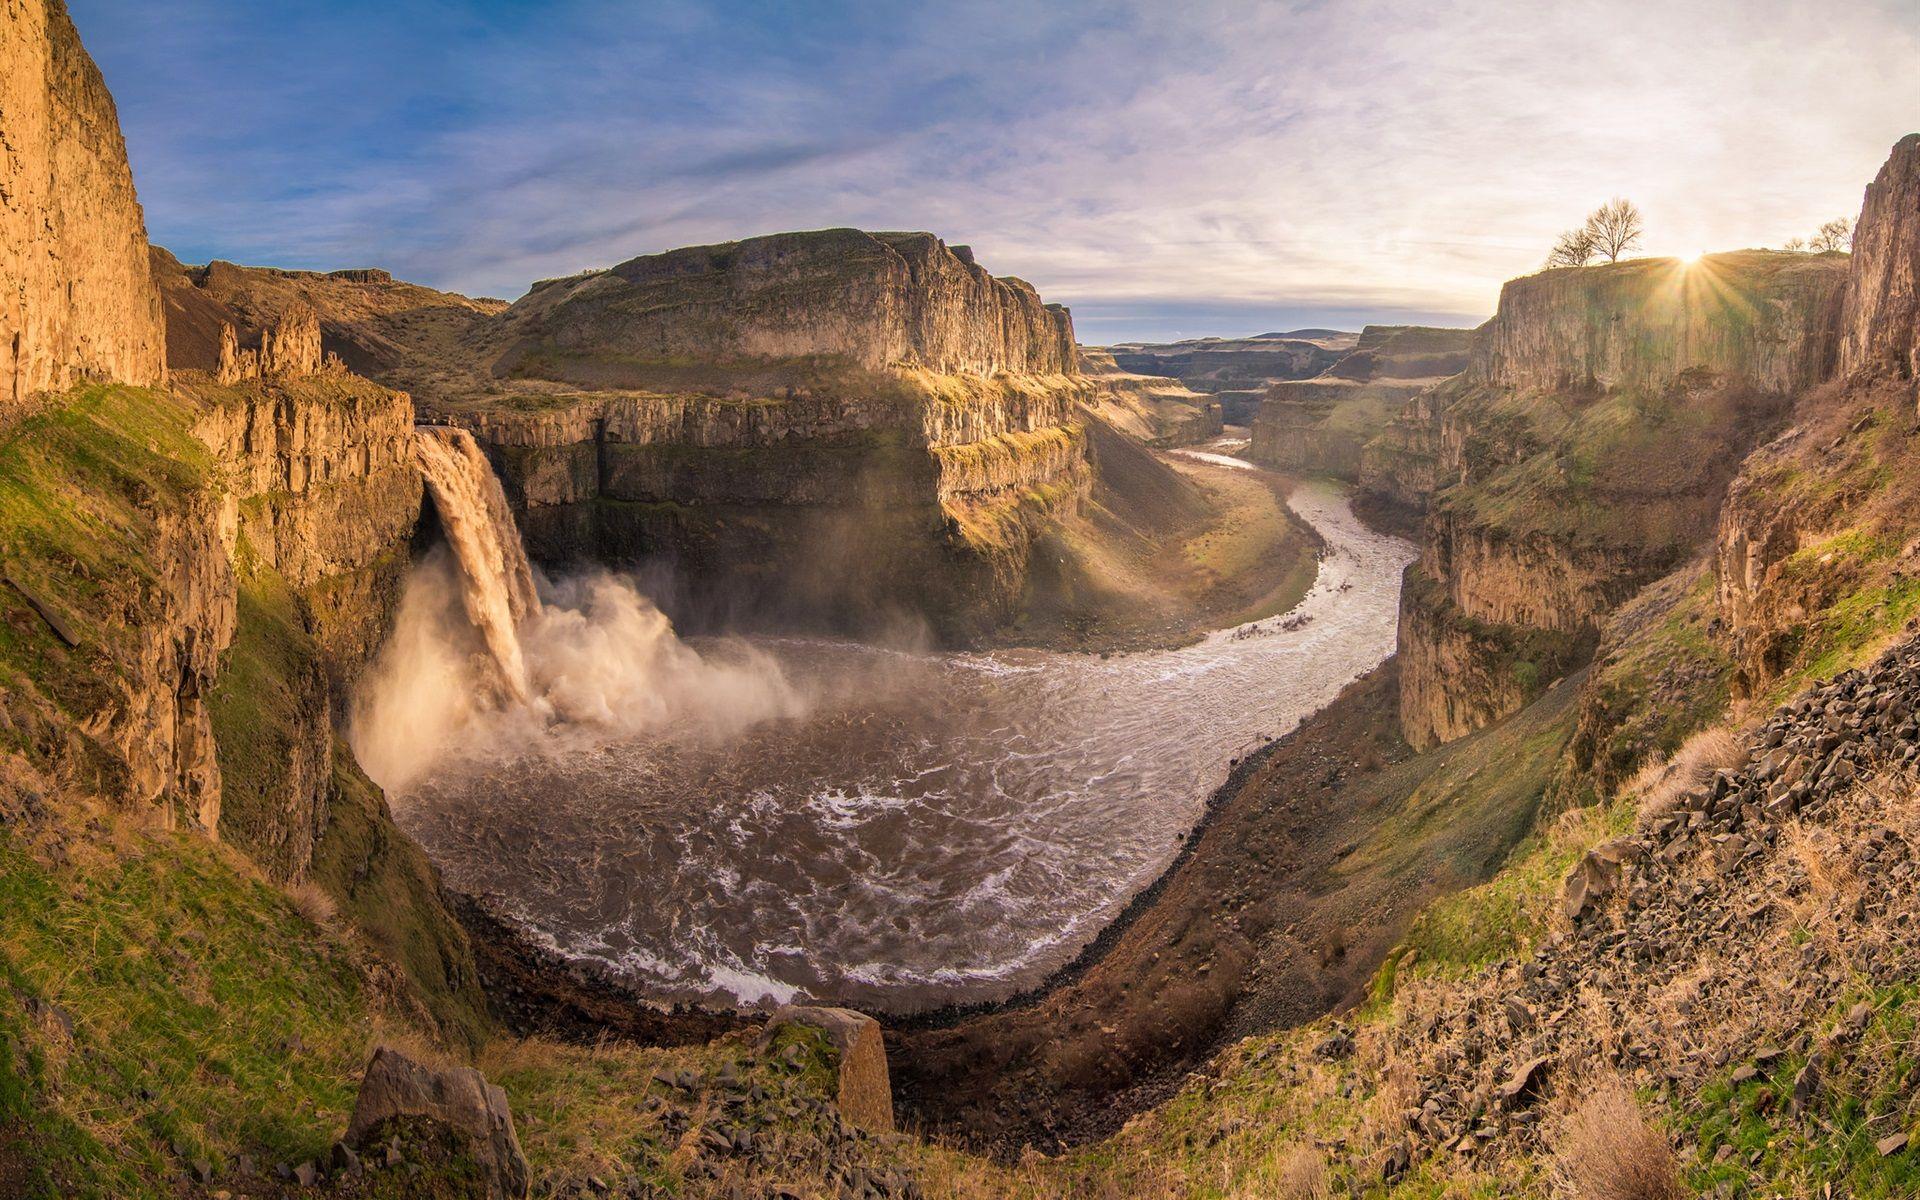 Montagnes Vallee Canyon Riviere Chute Eau Nuages Coucher Soleil Fonds D Ecran 1920x1200 Coucher De Soleil Nuage Image Automne